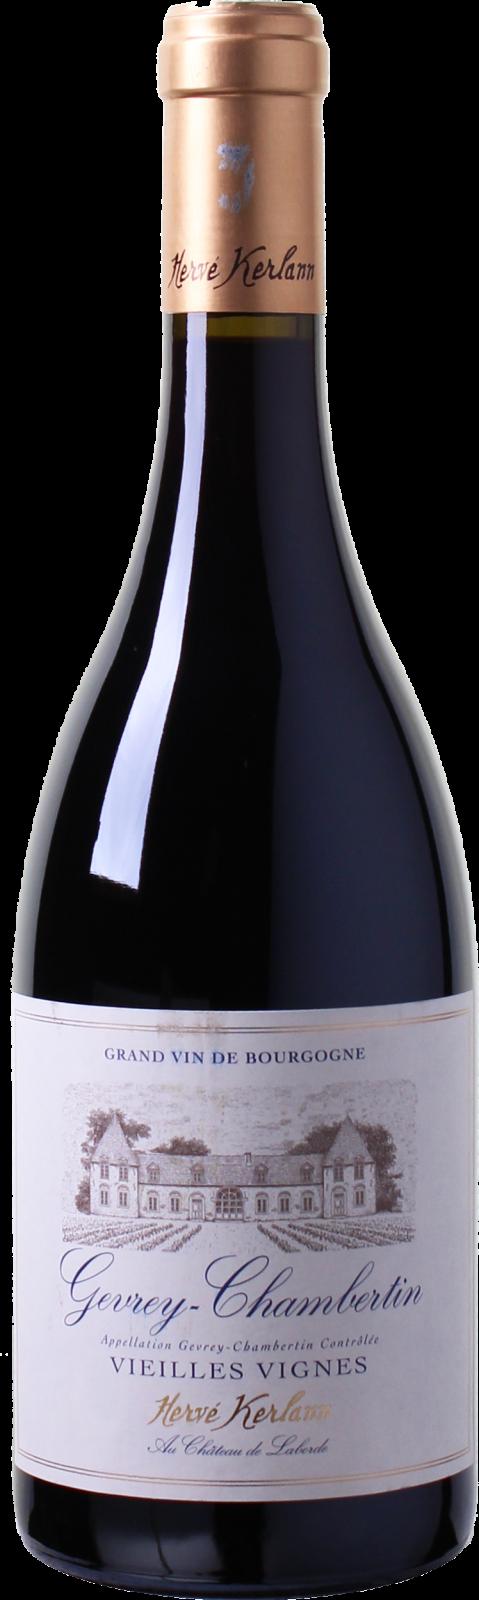 Hervé Kerlann Vieilles Vignes Gevrey-Chambertin